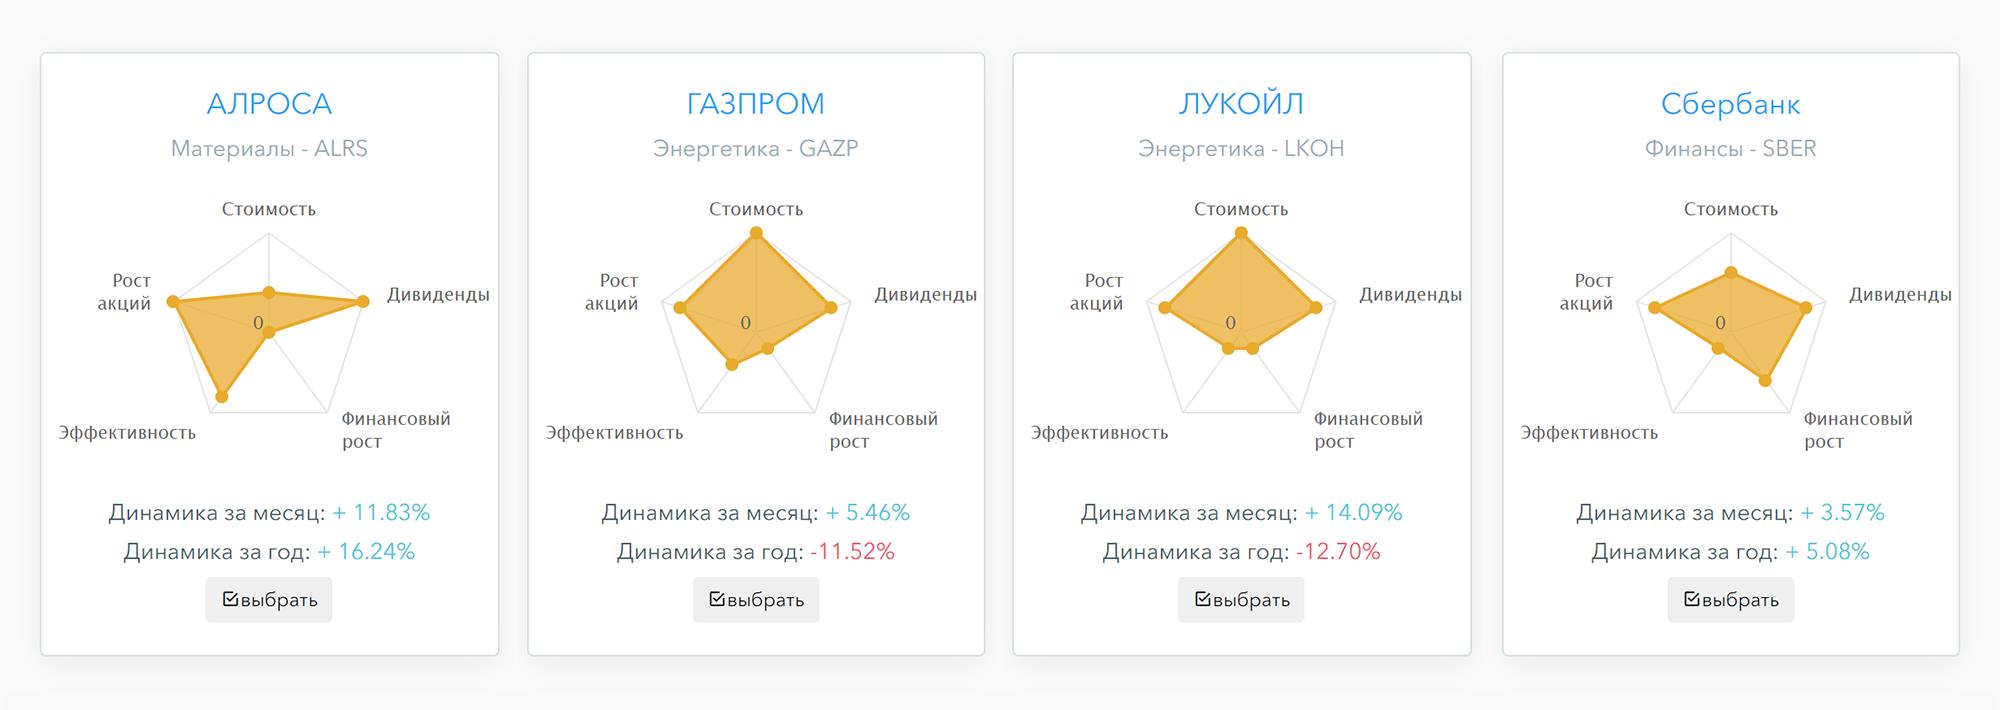 Графическая презентация фундаментального состояния компаний на сайте financemarker.ru